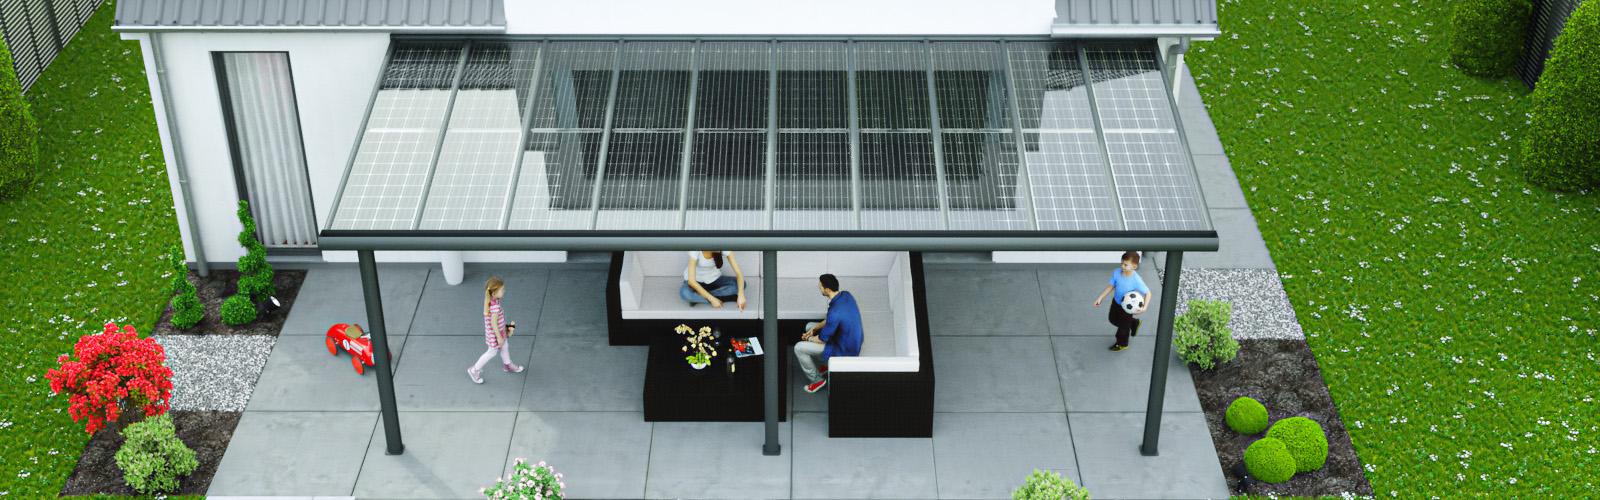 alu terrassendach 0 mit solar als sonnenschutz. Black Bedroom Furniture Sets. Home Design Ideas